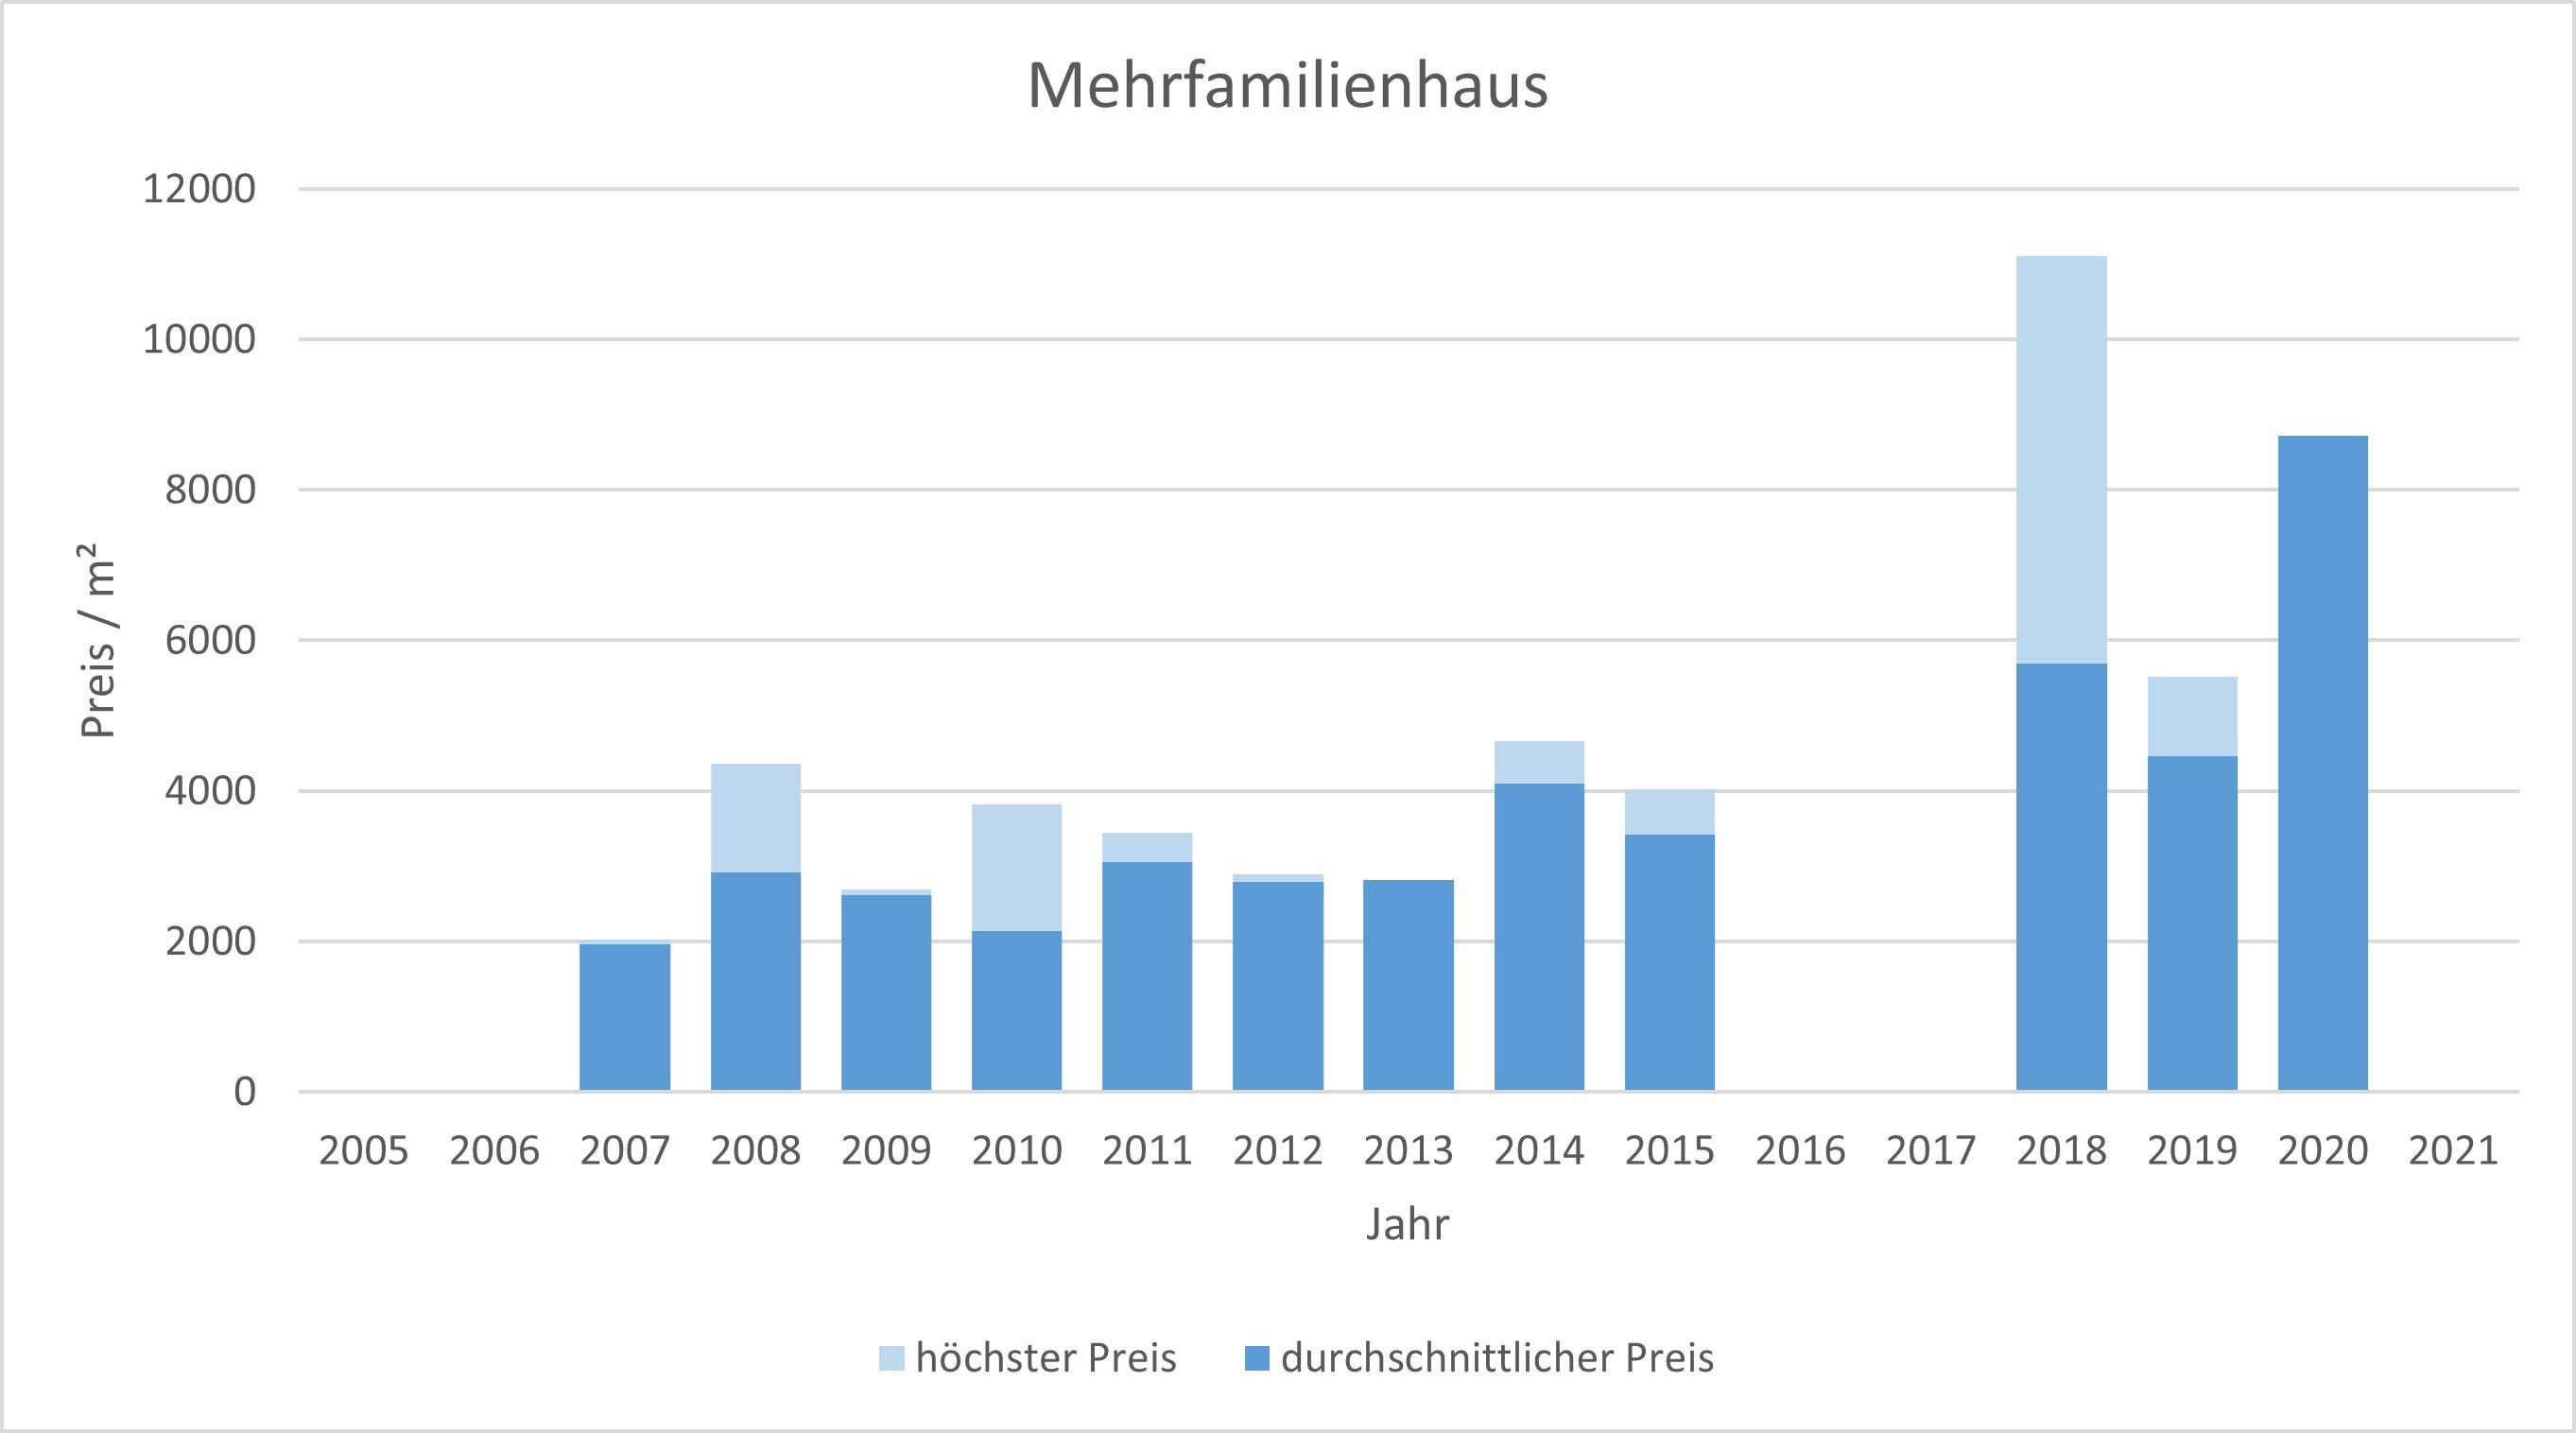 Aschheim Makler Mehrfamilienhaus Kaufen Verkaufen Preis Bewertung 2019, 2020, 2021